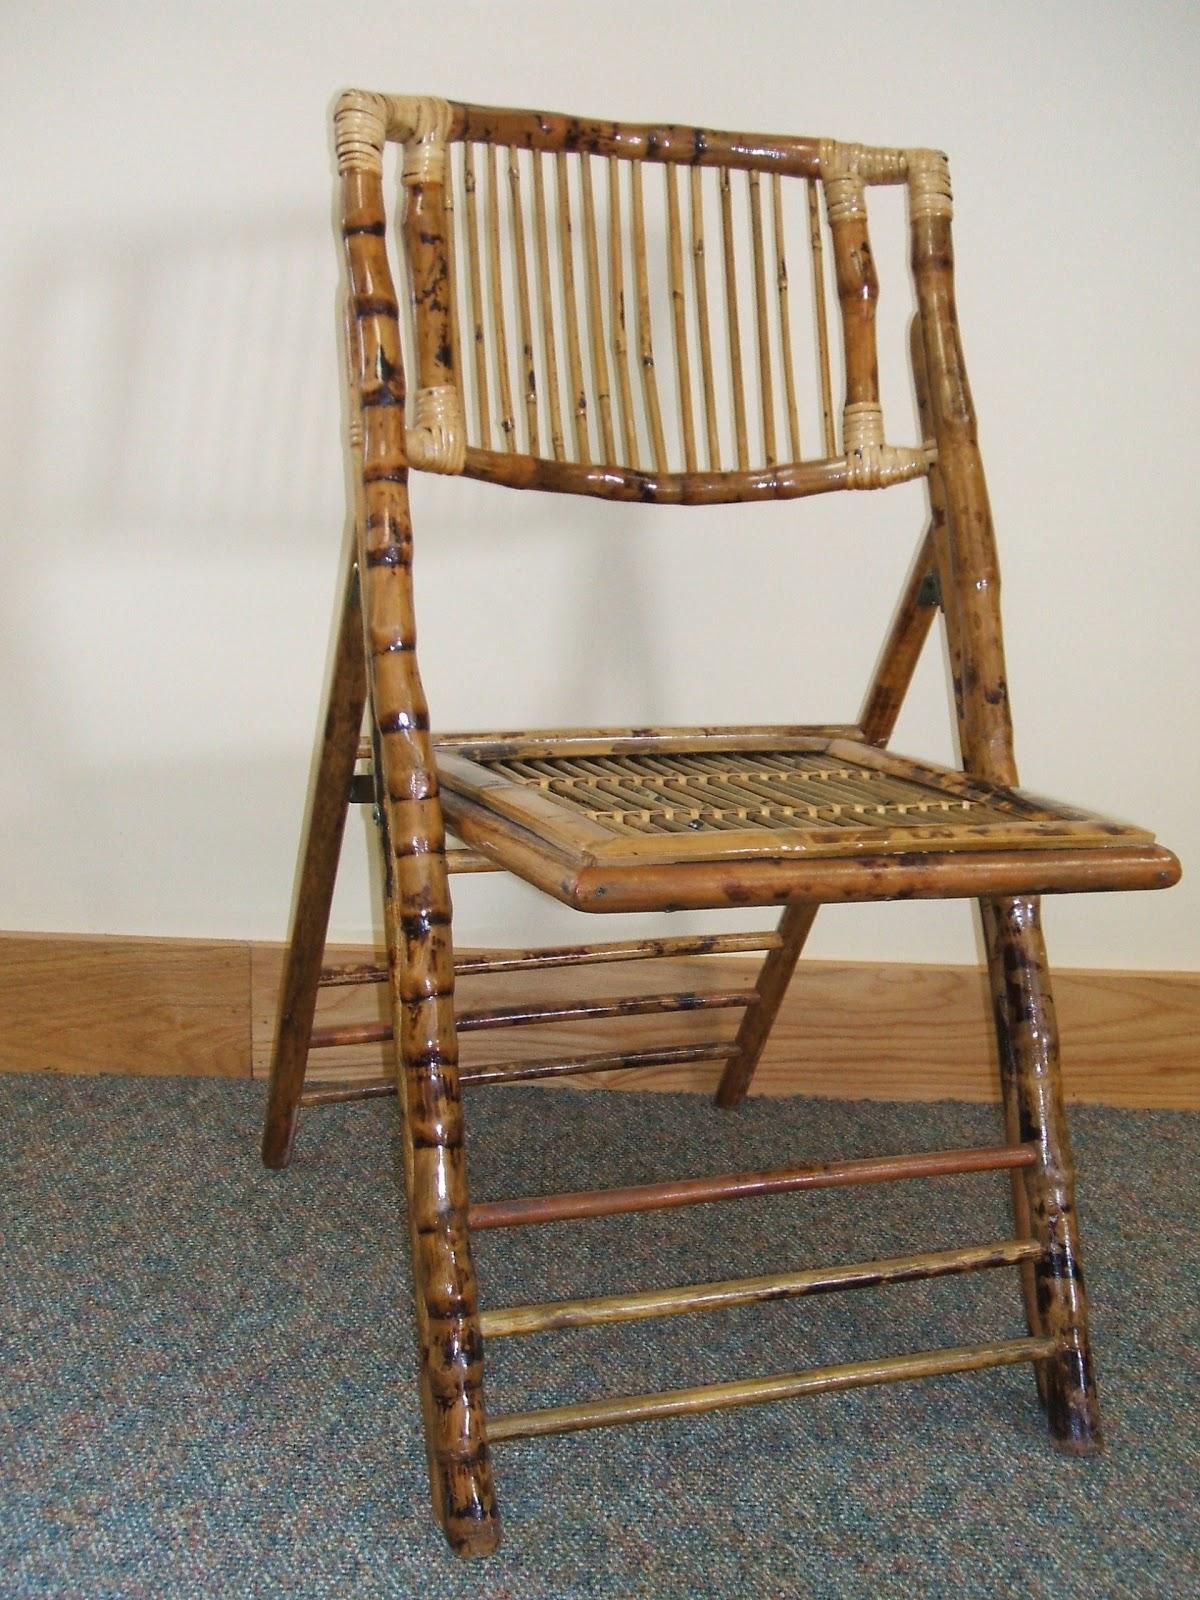 Bamboo Chairs Craft Photo